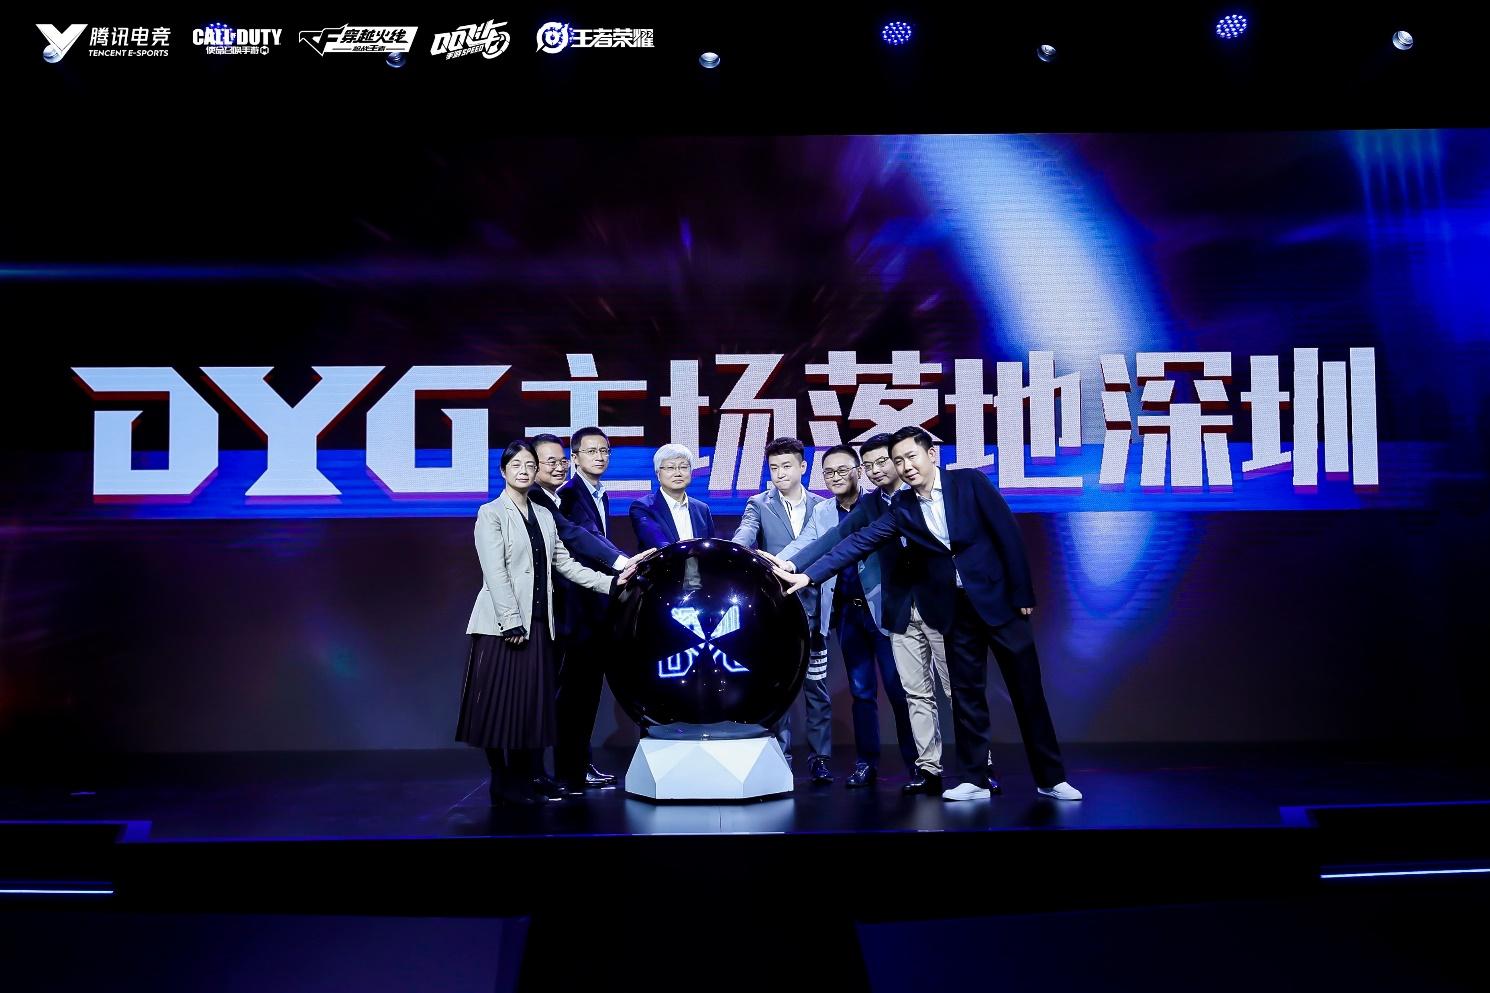 """王者荣耀顶级战队DYG主场落户深圳并更名为""""深圳DYG"""""""